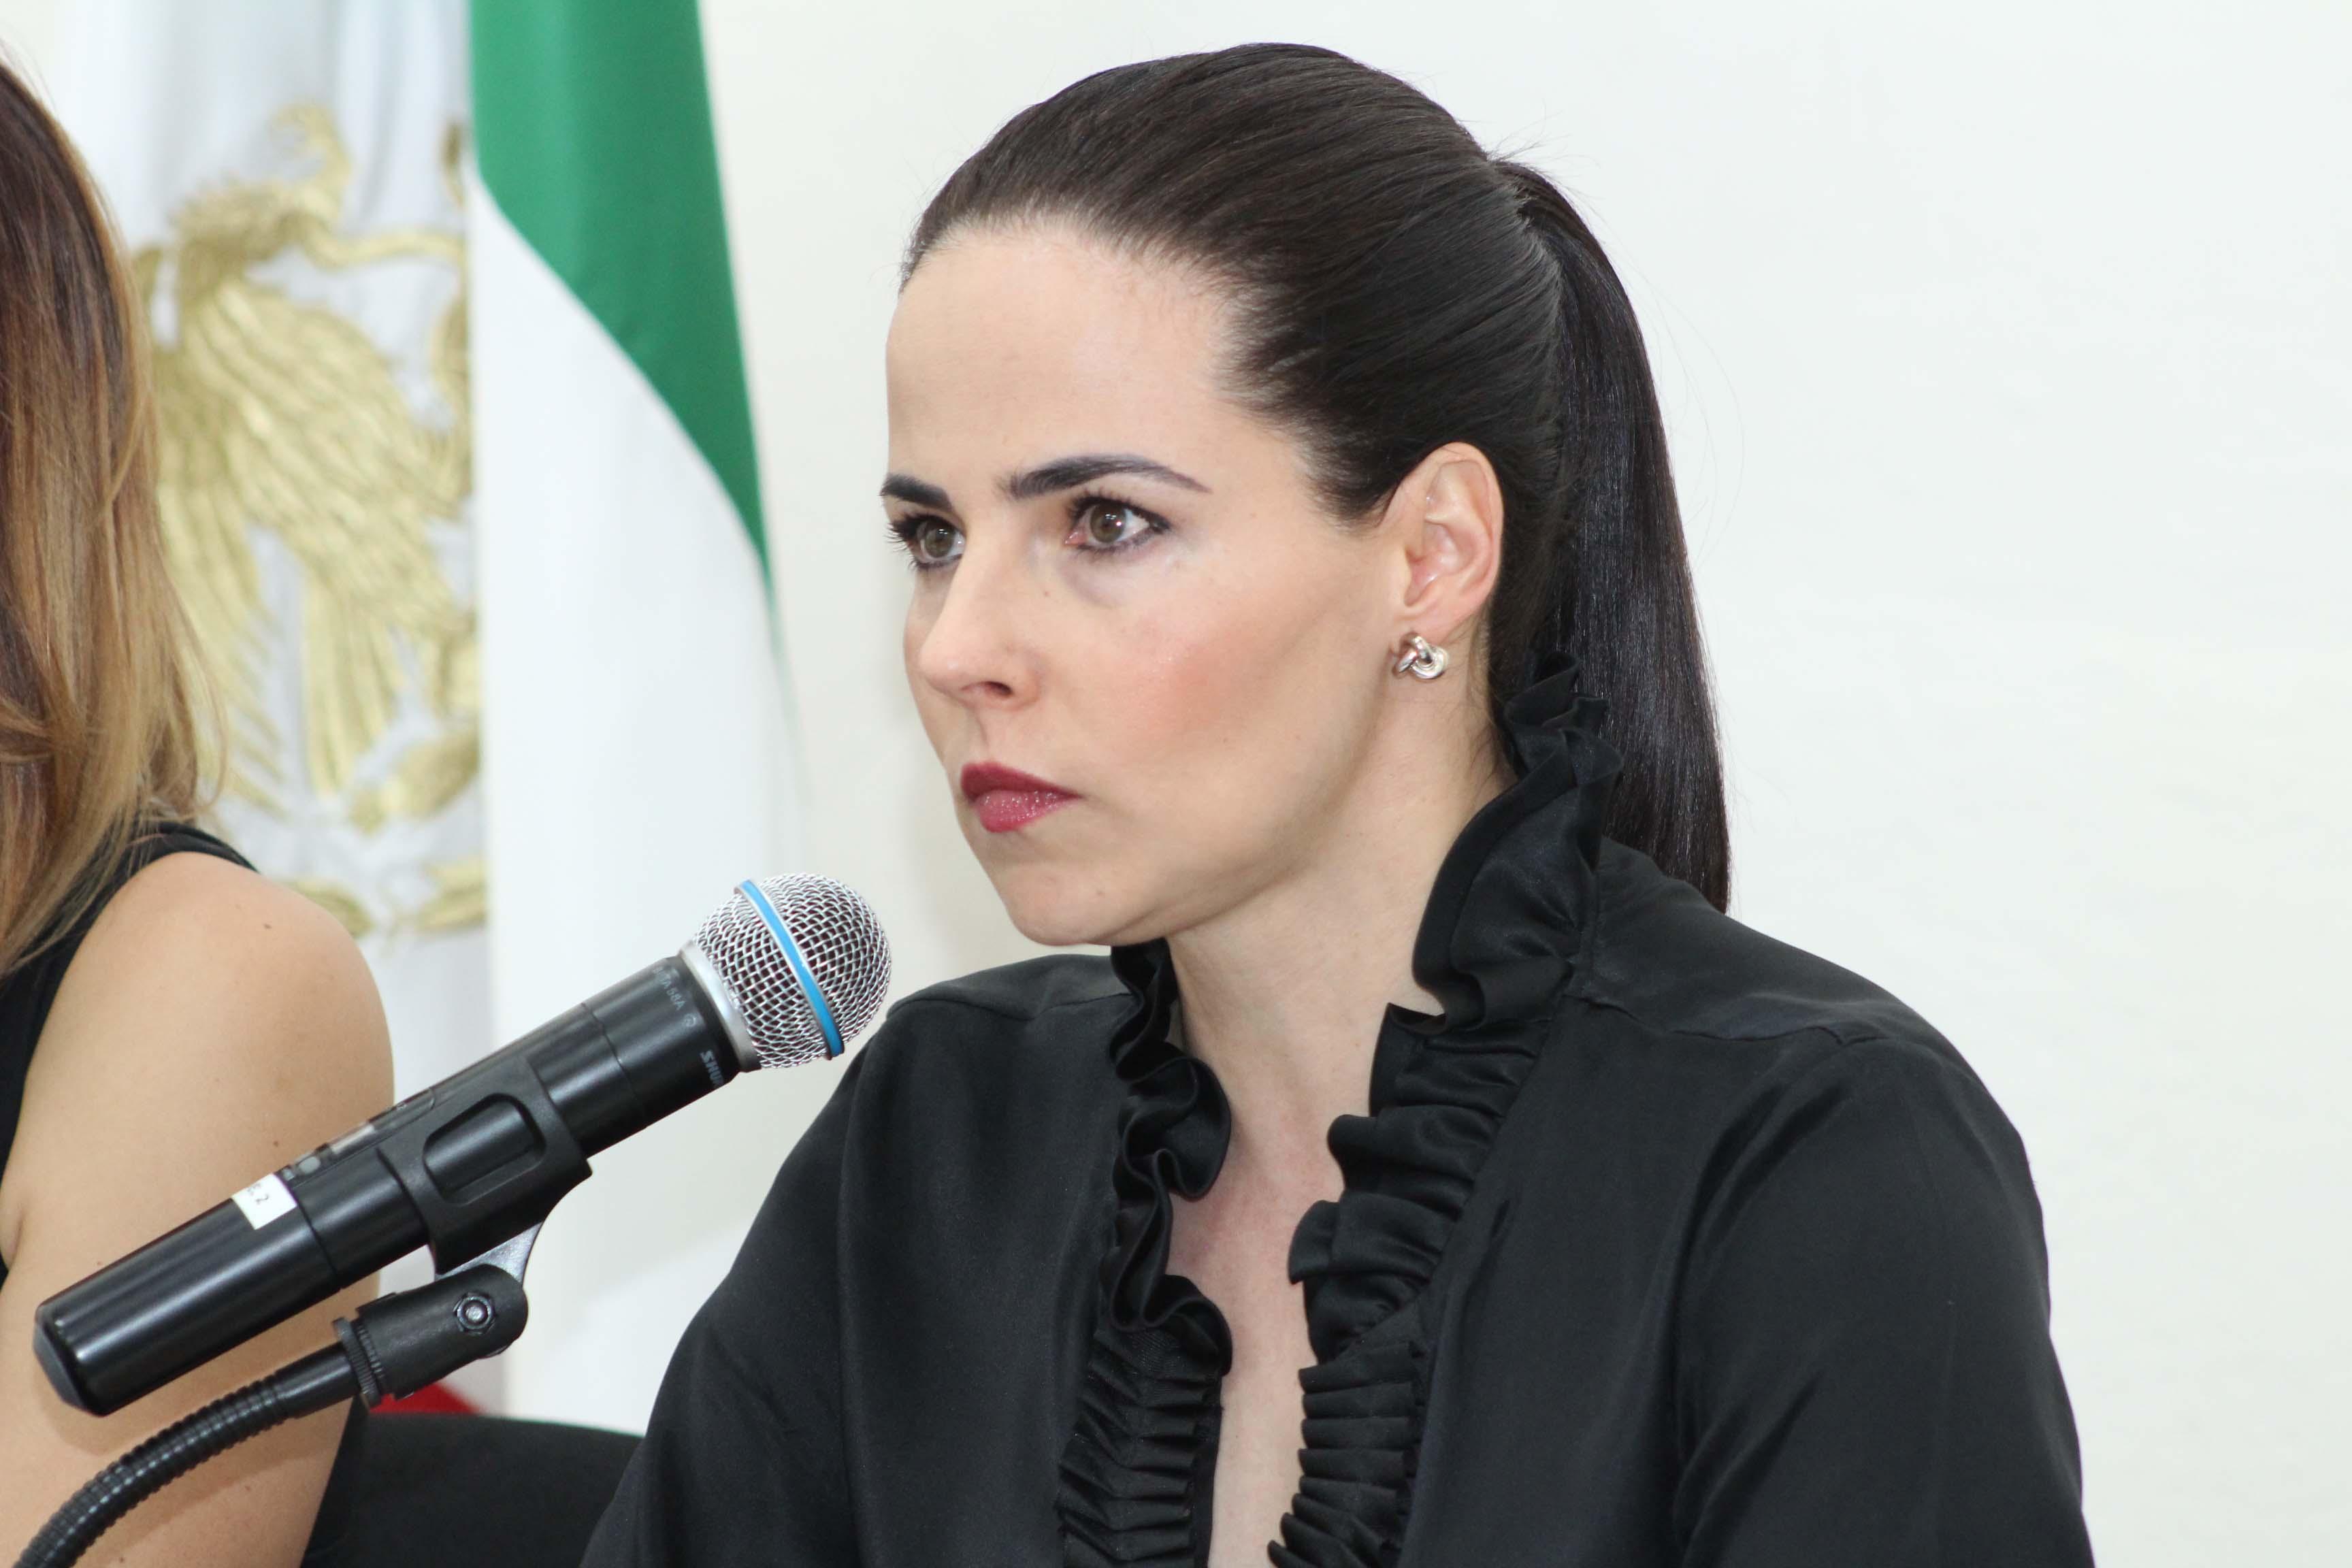 Inicia Itaipue proceso contra partido político por presunto uso inadecuado de datos personales